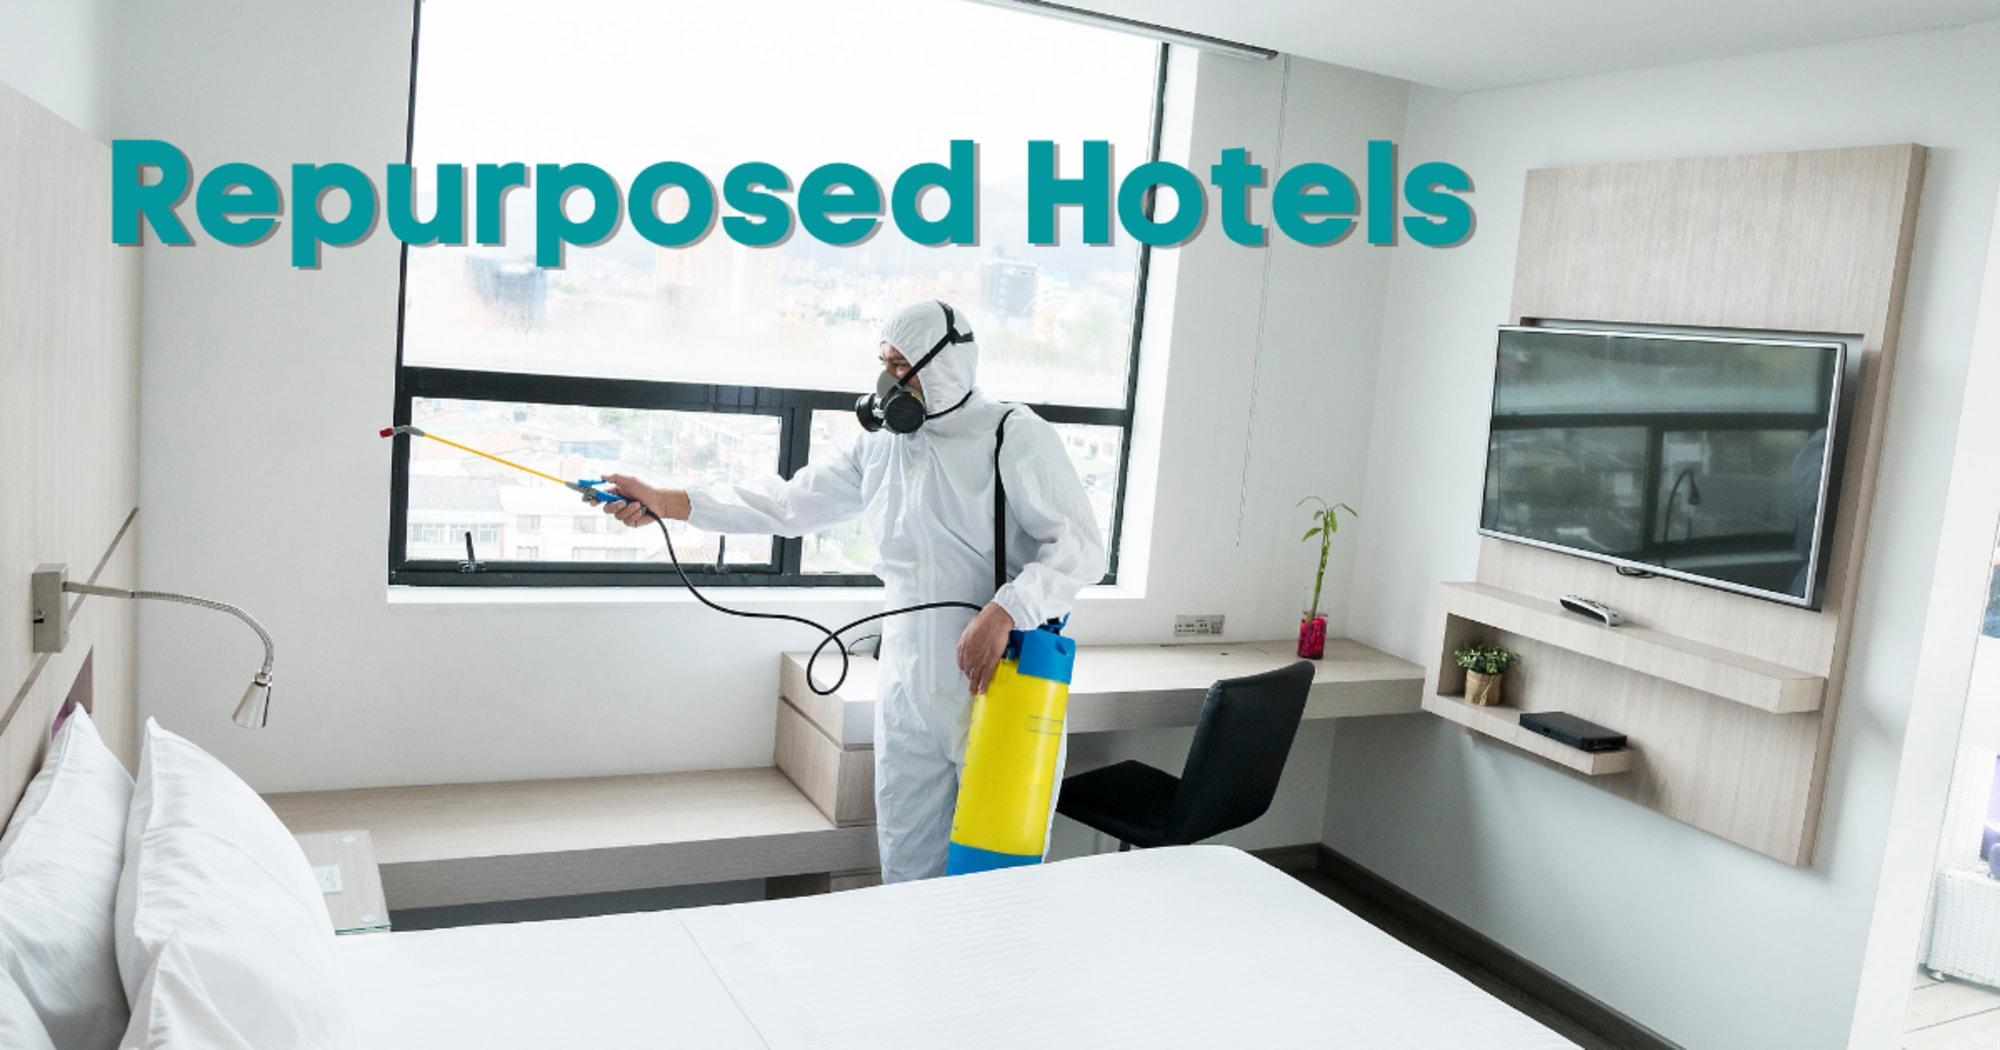 DOT lauds repurposed hotels, calls for 'Bayanihan' vs Covid